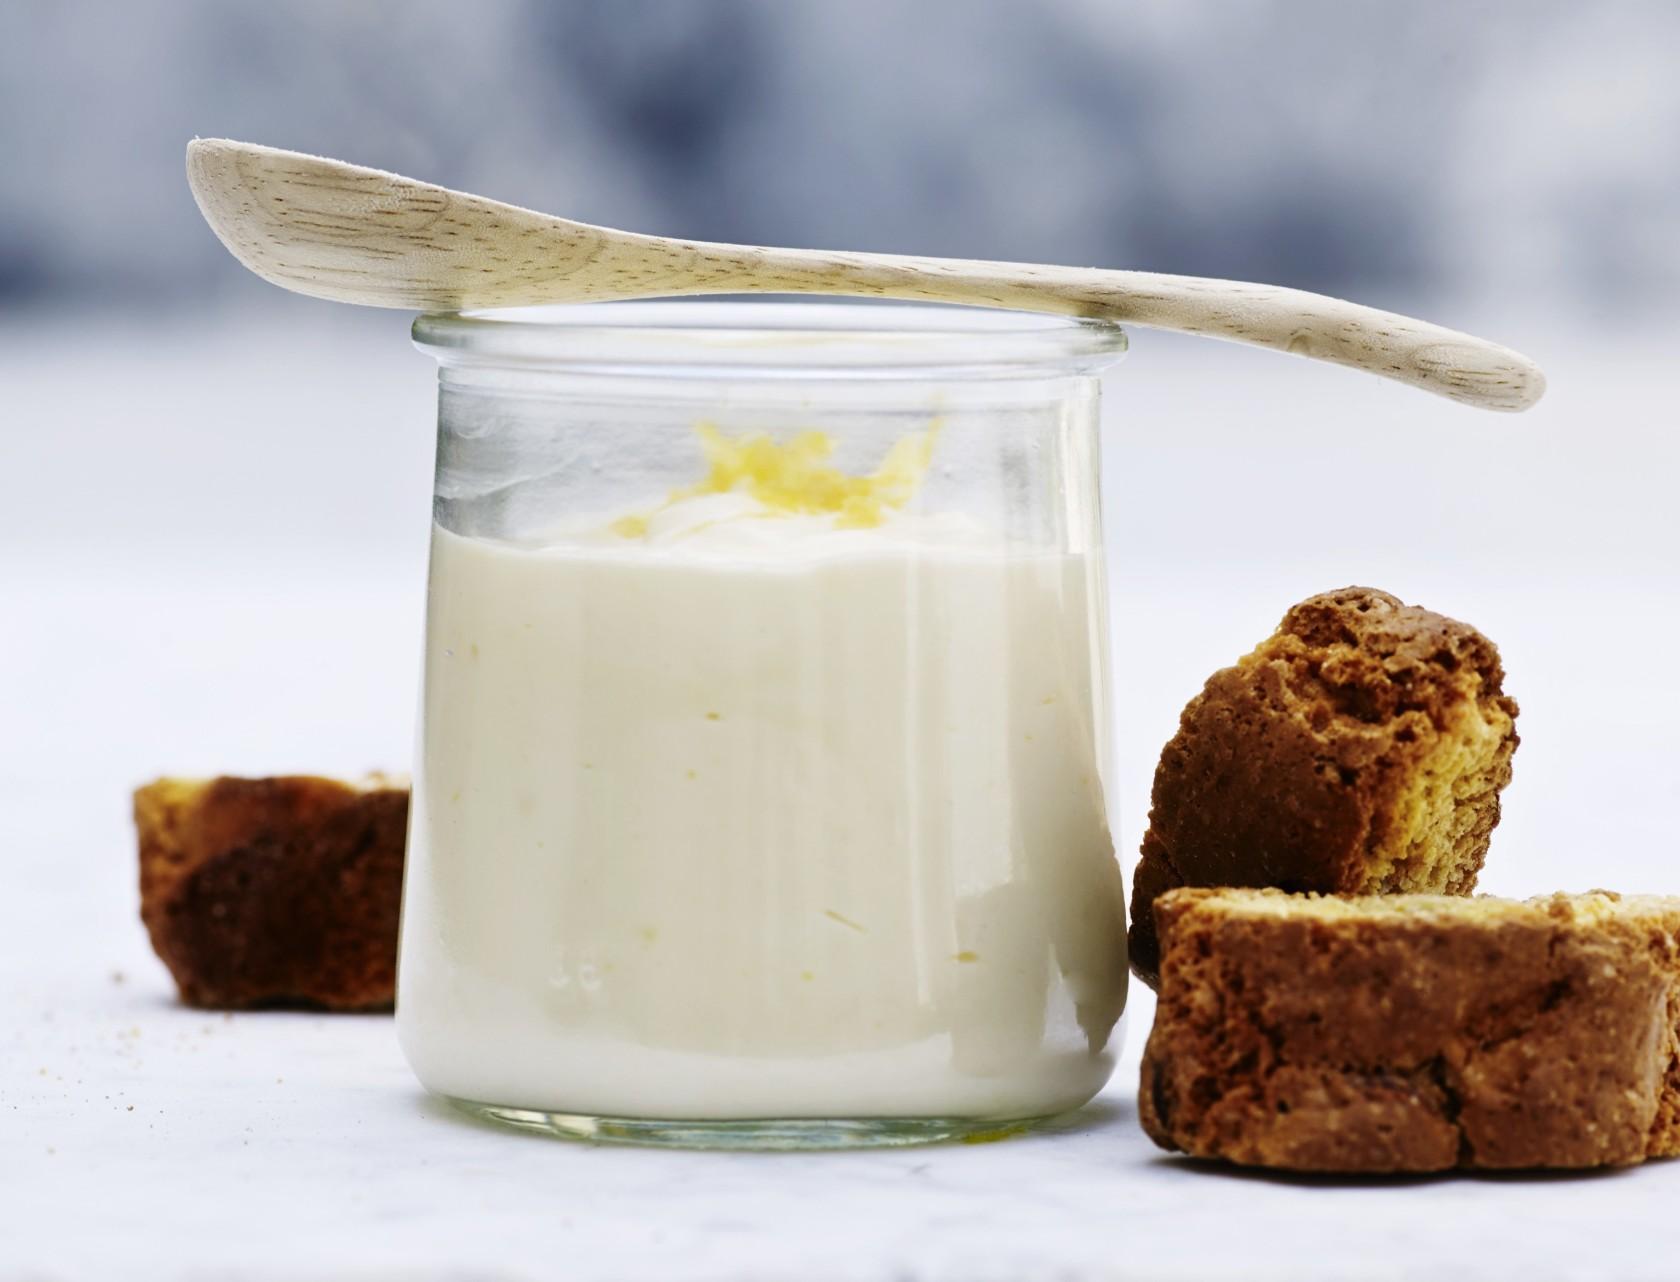 Lækker opskrift på yoghurtmousse med citron